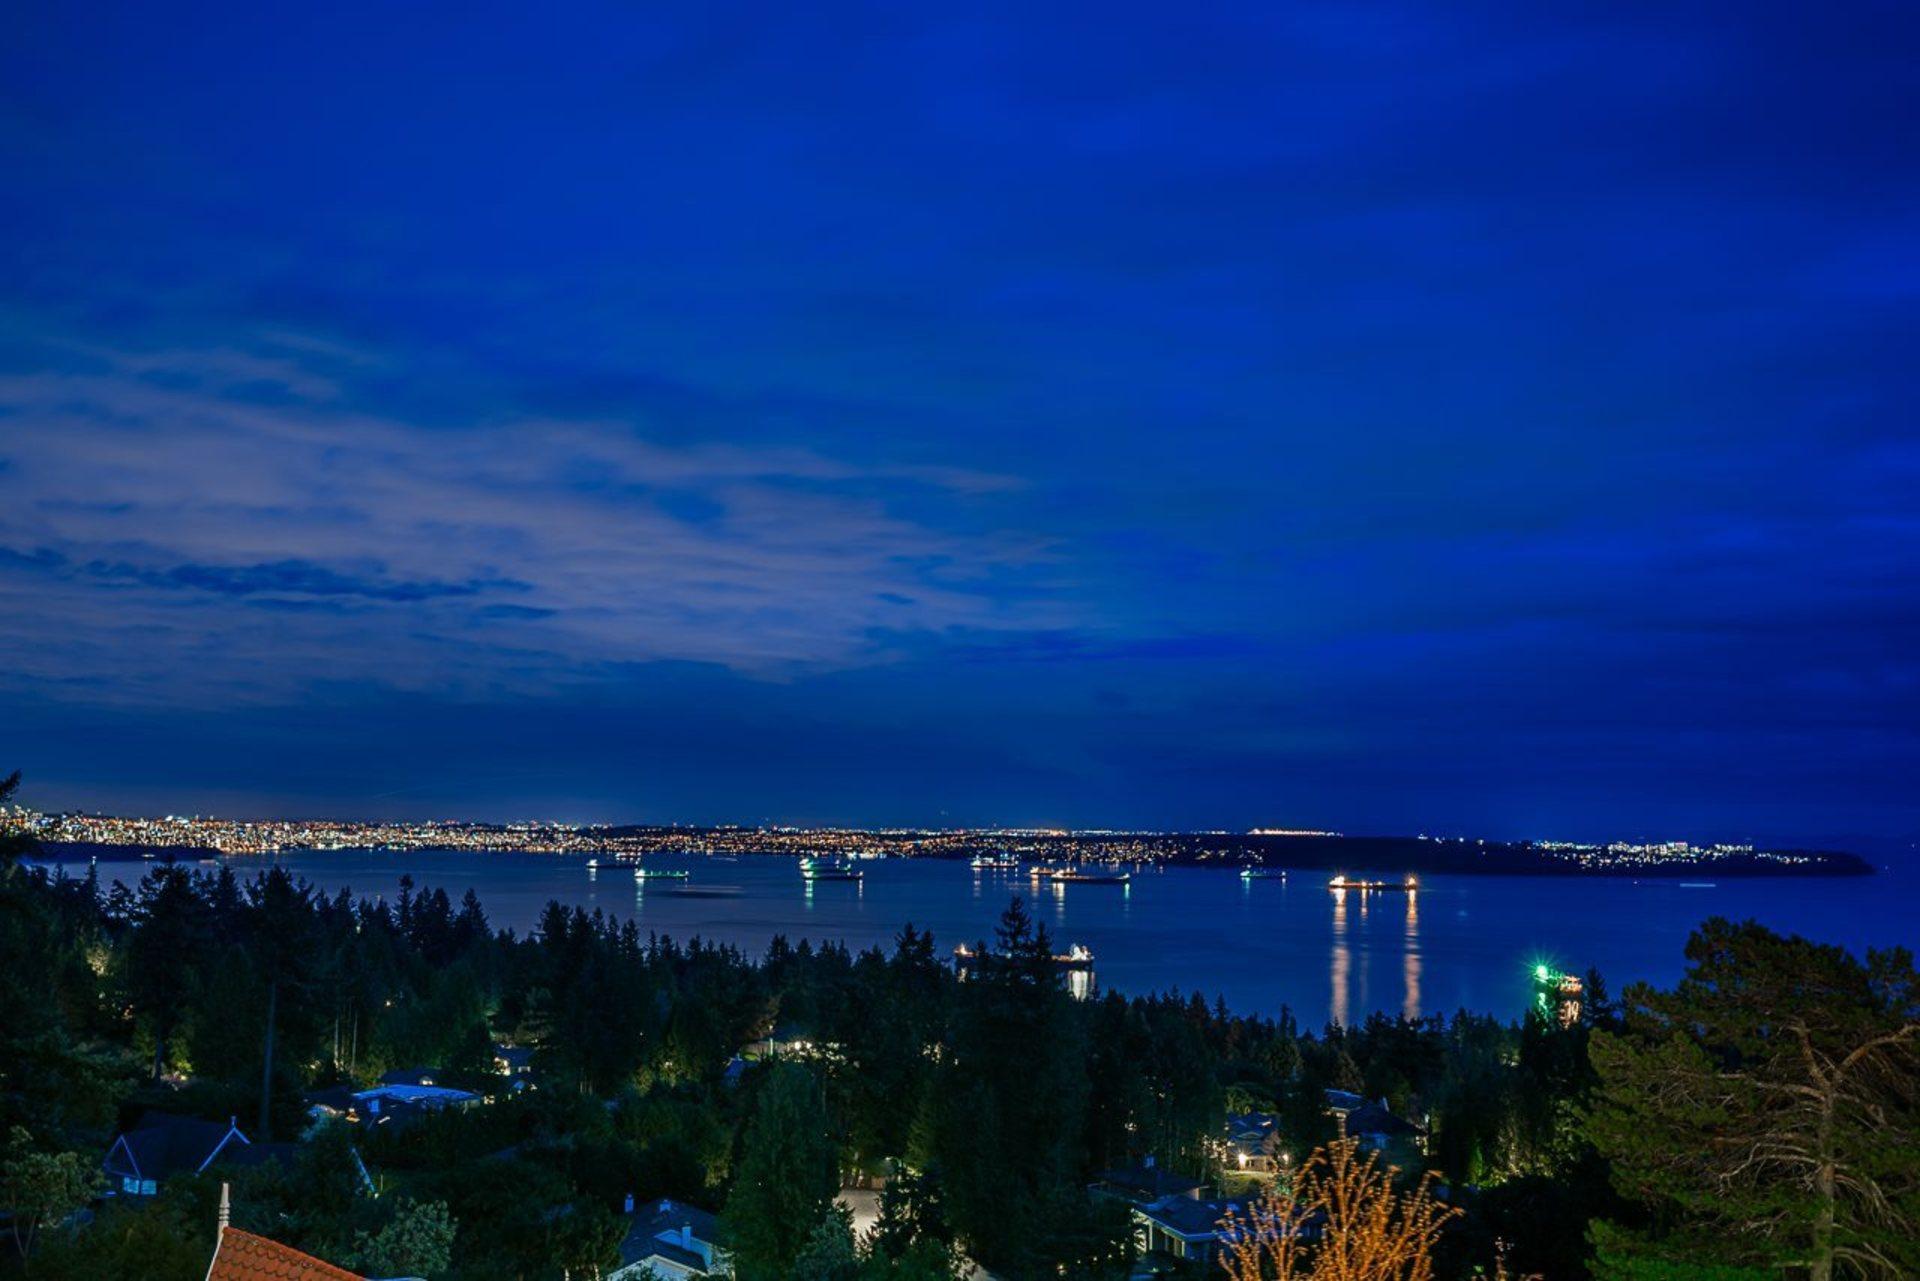 4667-woodridge-place-cypress-park-estates-west-vancouver-23 at 4667 Woodridge Place, Cypress Park Estates, West Vancouver